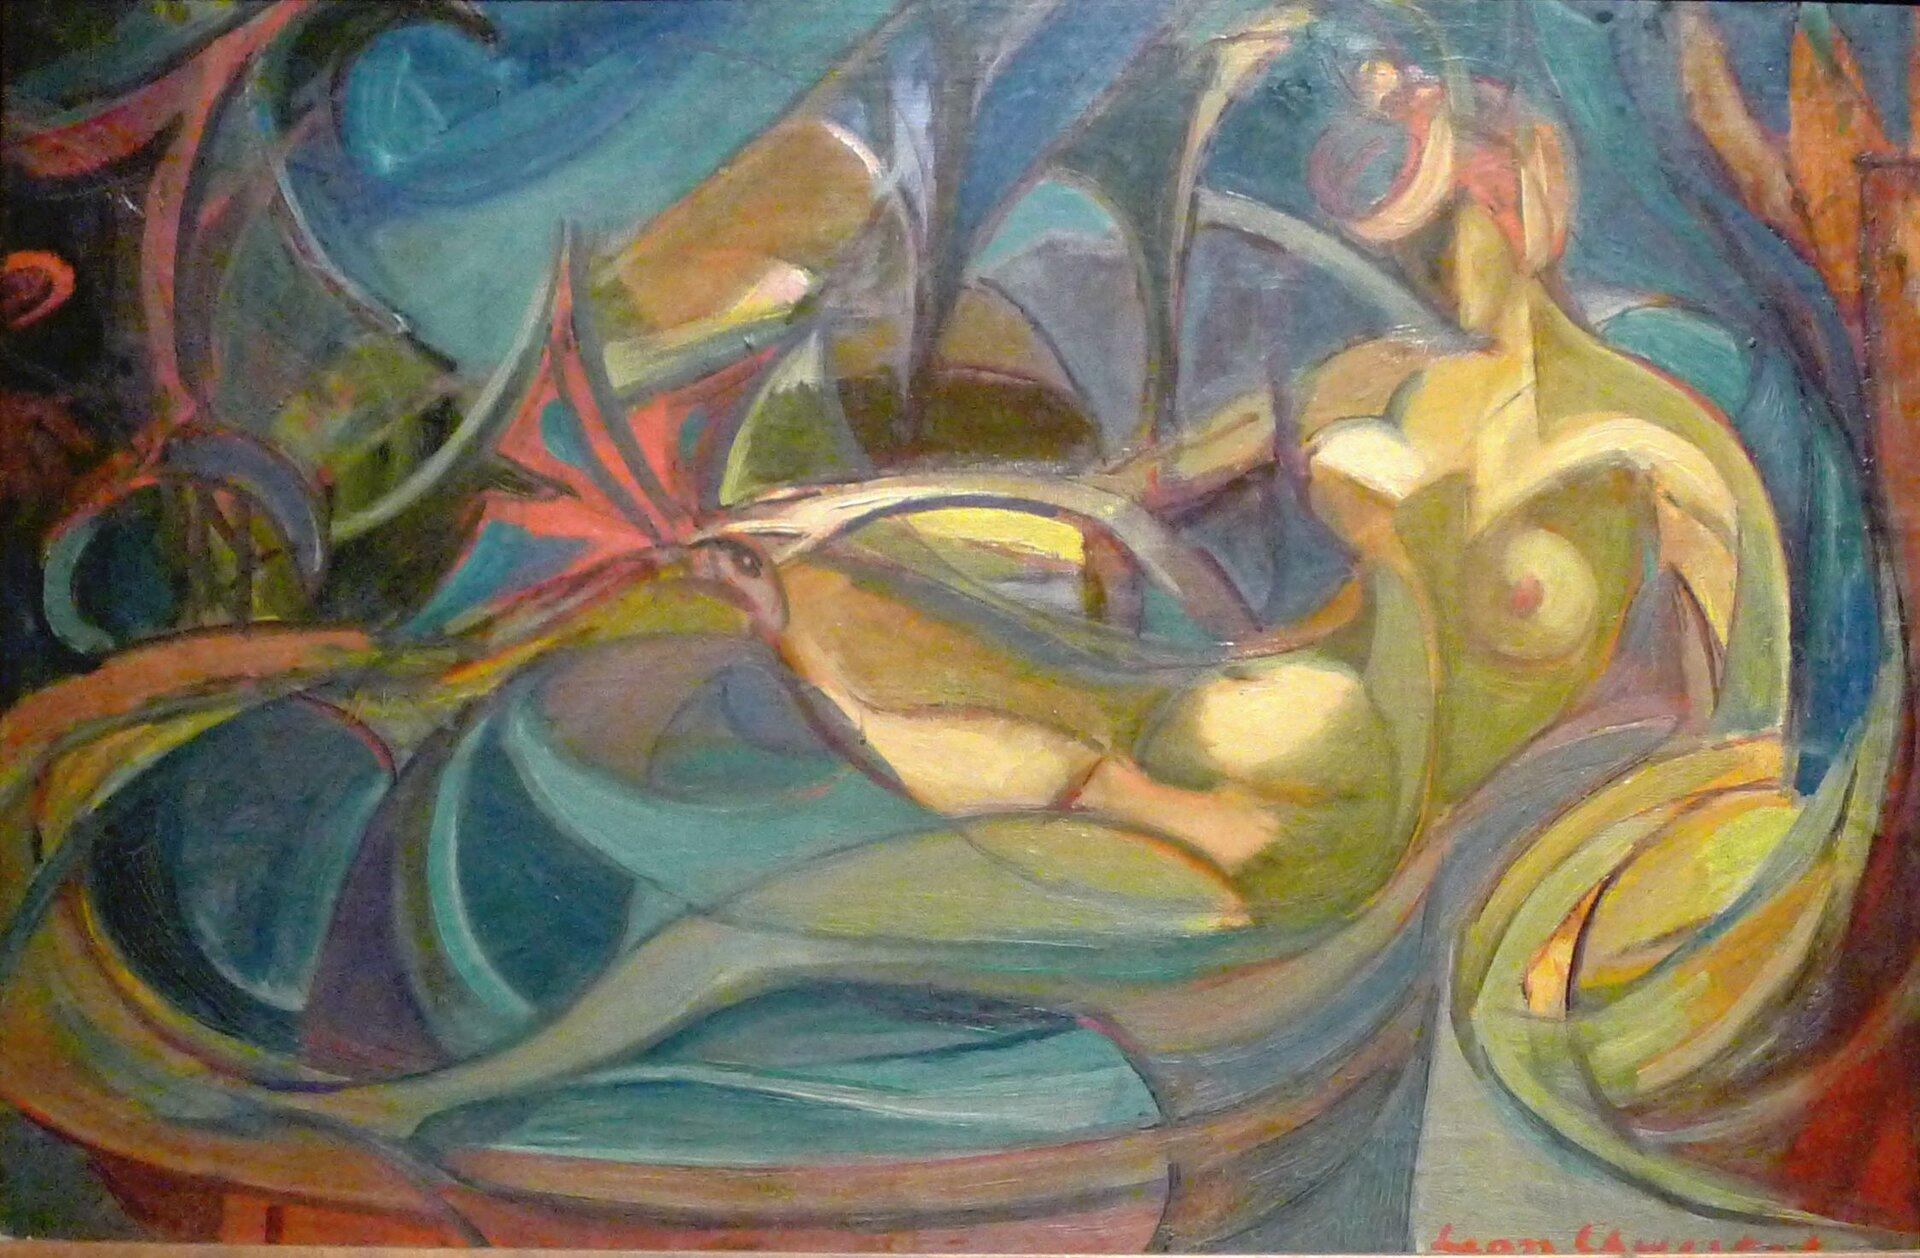 """Ilustracja przedstawia pracę Leona Chwistka pt. """"Akt kobiecy"""". Na ilustracji widoczna jest kobieta kąpiąca się wwannie. Kobieta jest goła idoskonale widoczne są jej piersi oraz brzuch. Na obrazie dominują barwy: czerwieni, niebieskiego iżółtego."""